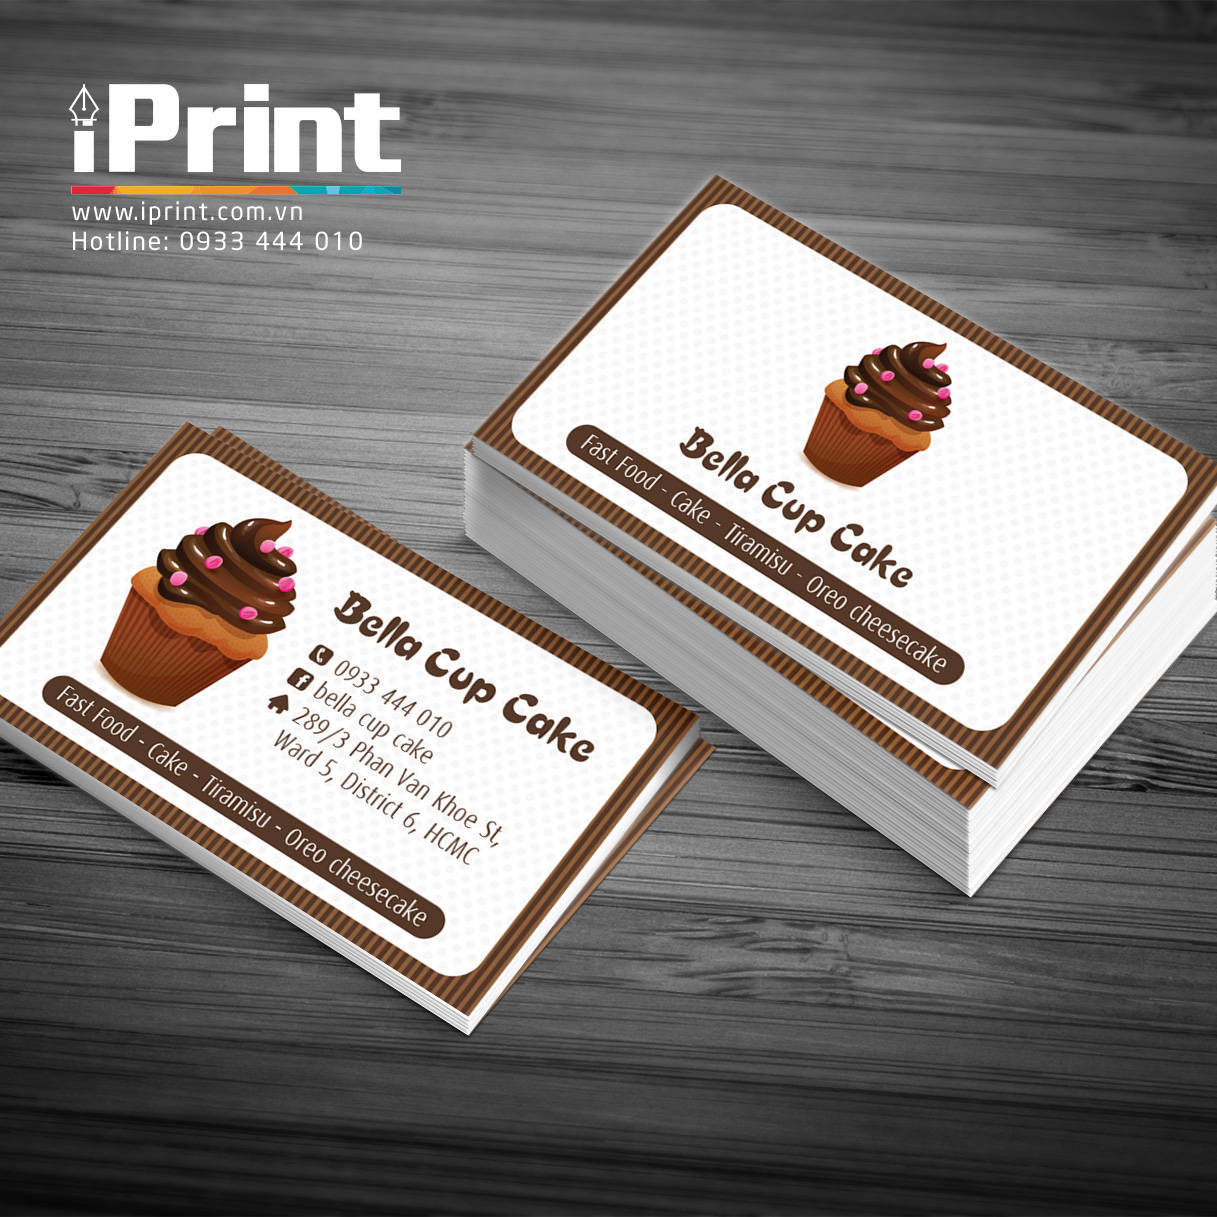 mau-name-card-shop-thoi-trang-mau-name-card-dep (12)